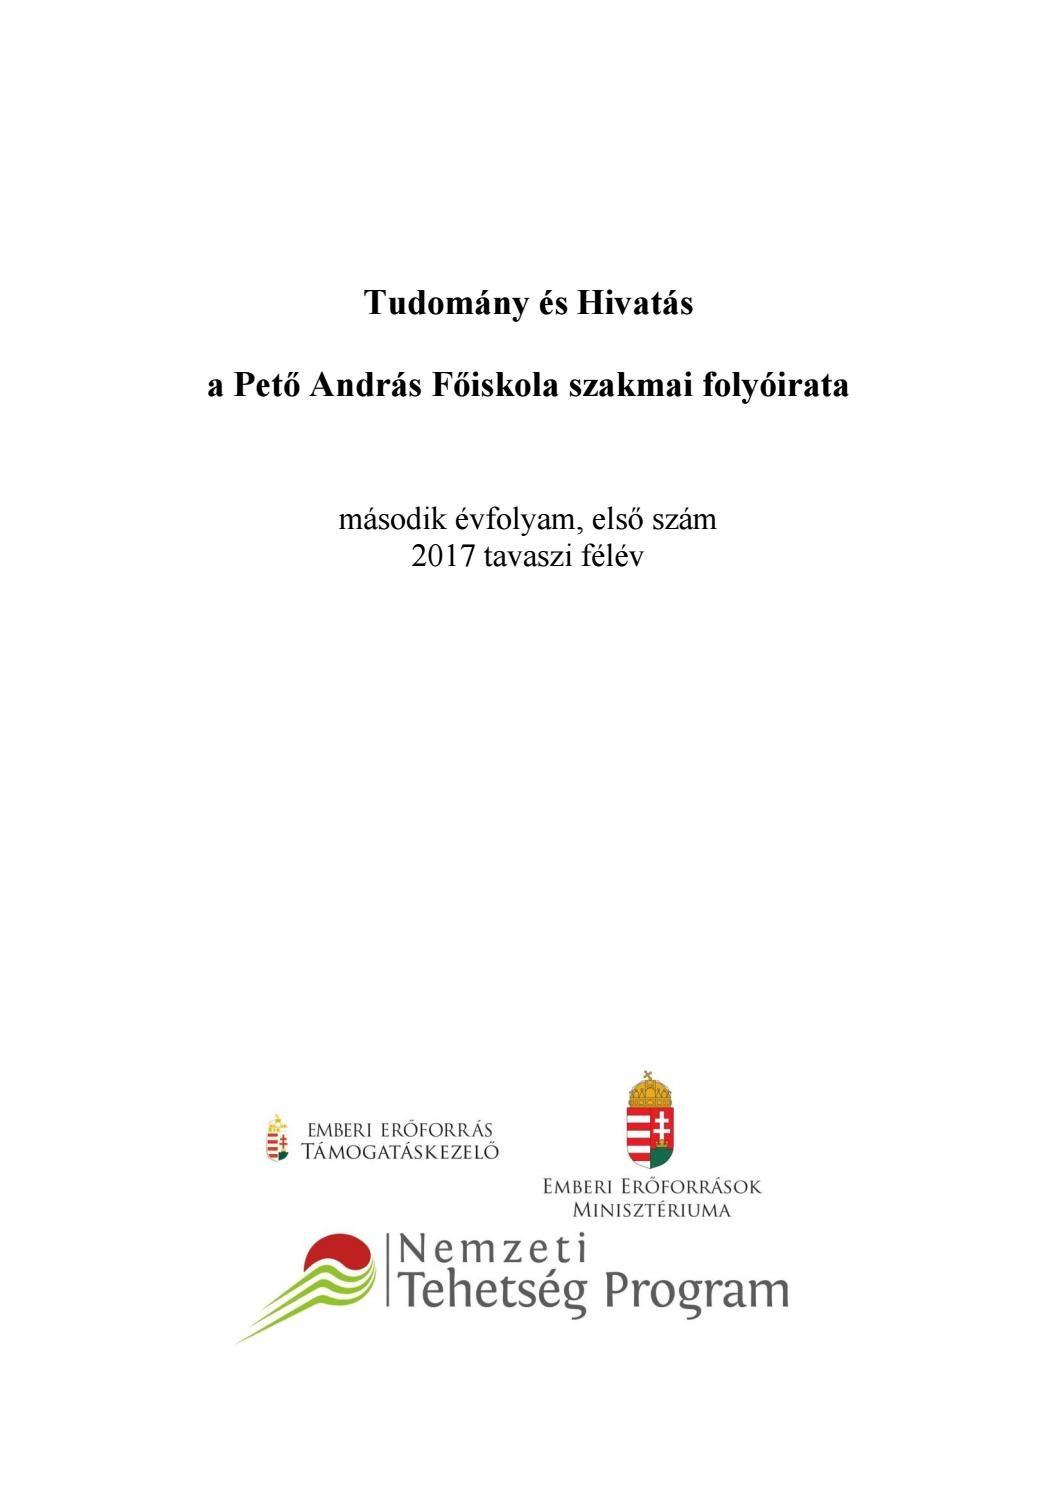 Vona bűnmegelőzési programja: csendőrség, kasztrálás, halálbüntetés – Jobbik-tüntetés Soroksáron